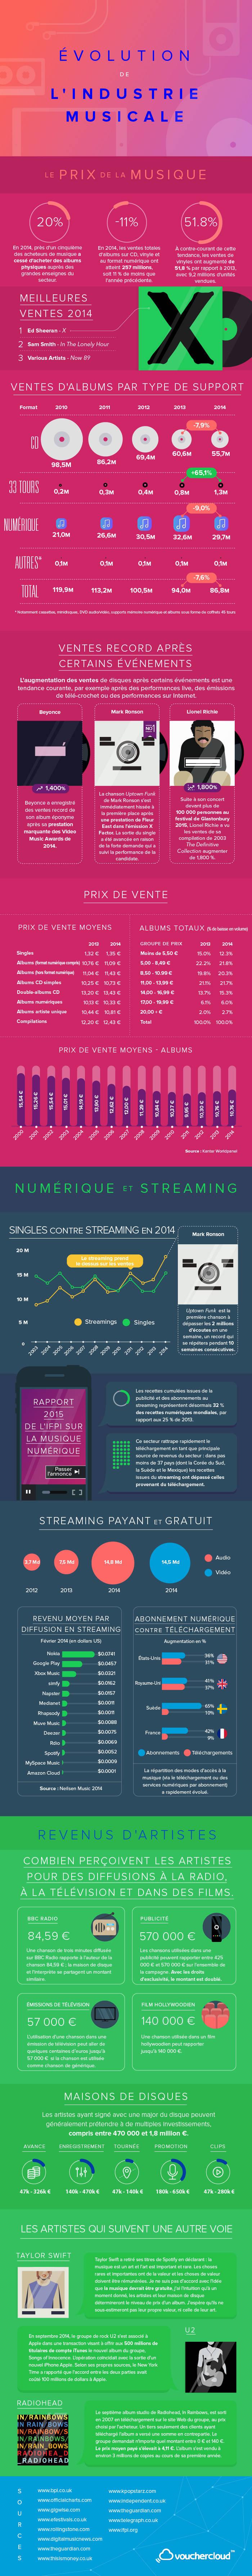 Infographie sur l'évolution de l'industrie musicale